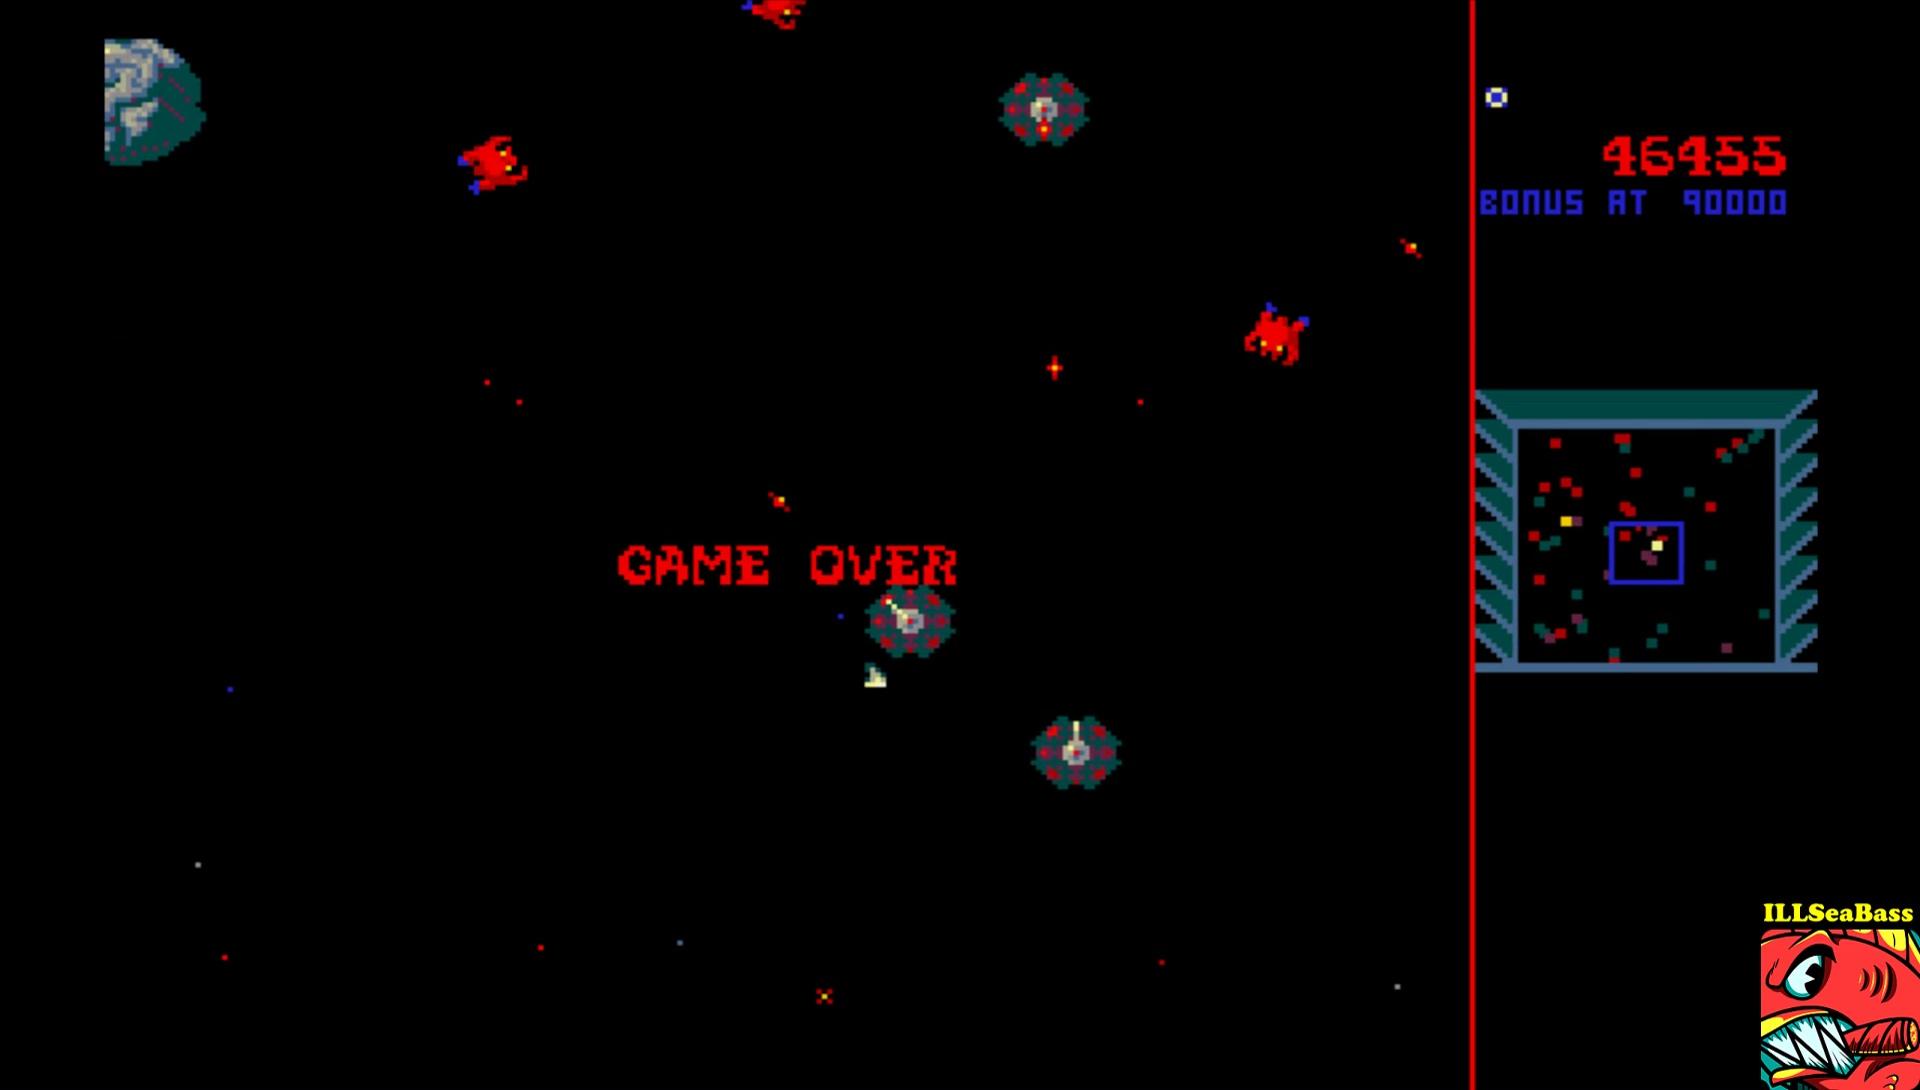 ILLSeaBass: Midway Arcade